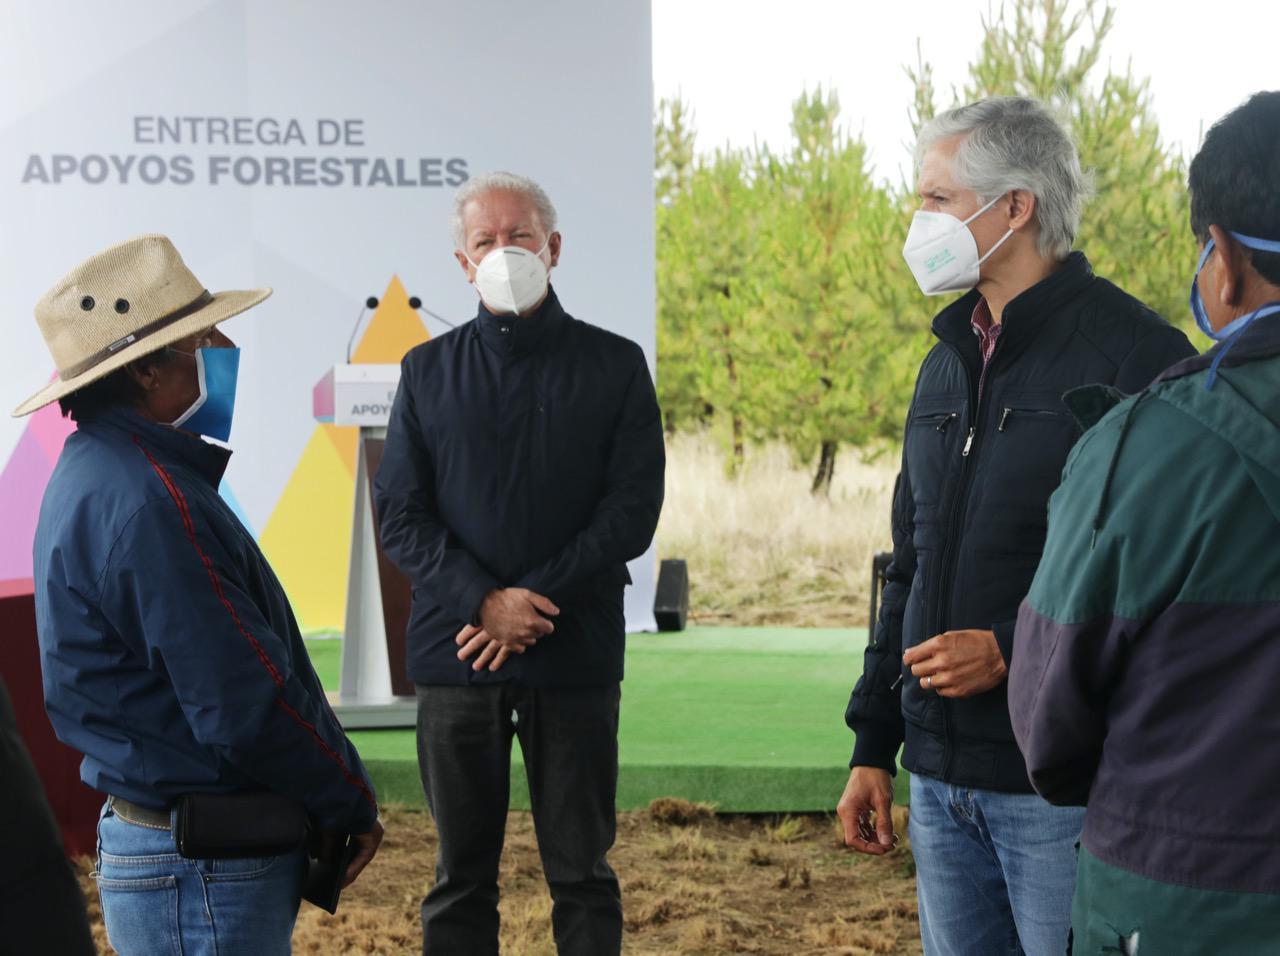 ENTREGA ALFREDO DEL MAZO APOYOS FORESTALES  PARA BENEFICIAR LA ECONOMÍA FAMILIAR